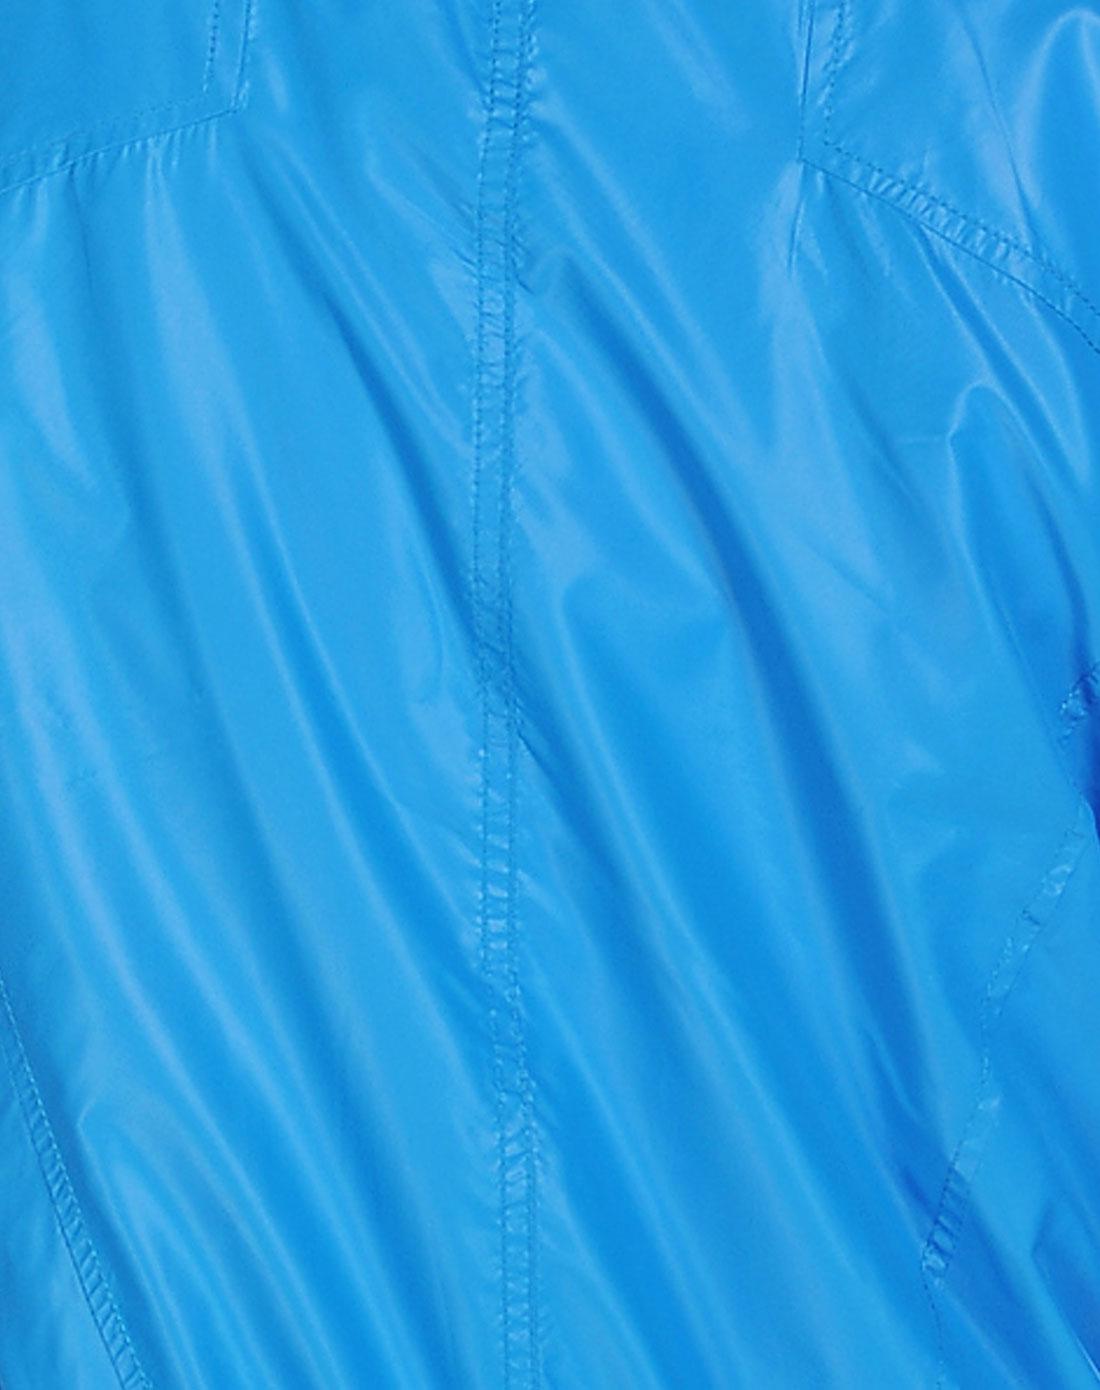 蓝色手机壁纸图片手机墙纸图片  浅蓝色桌面壁纸-浅蓝色纯色壁纸贴图